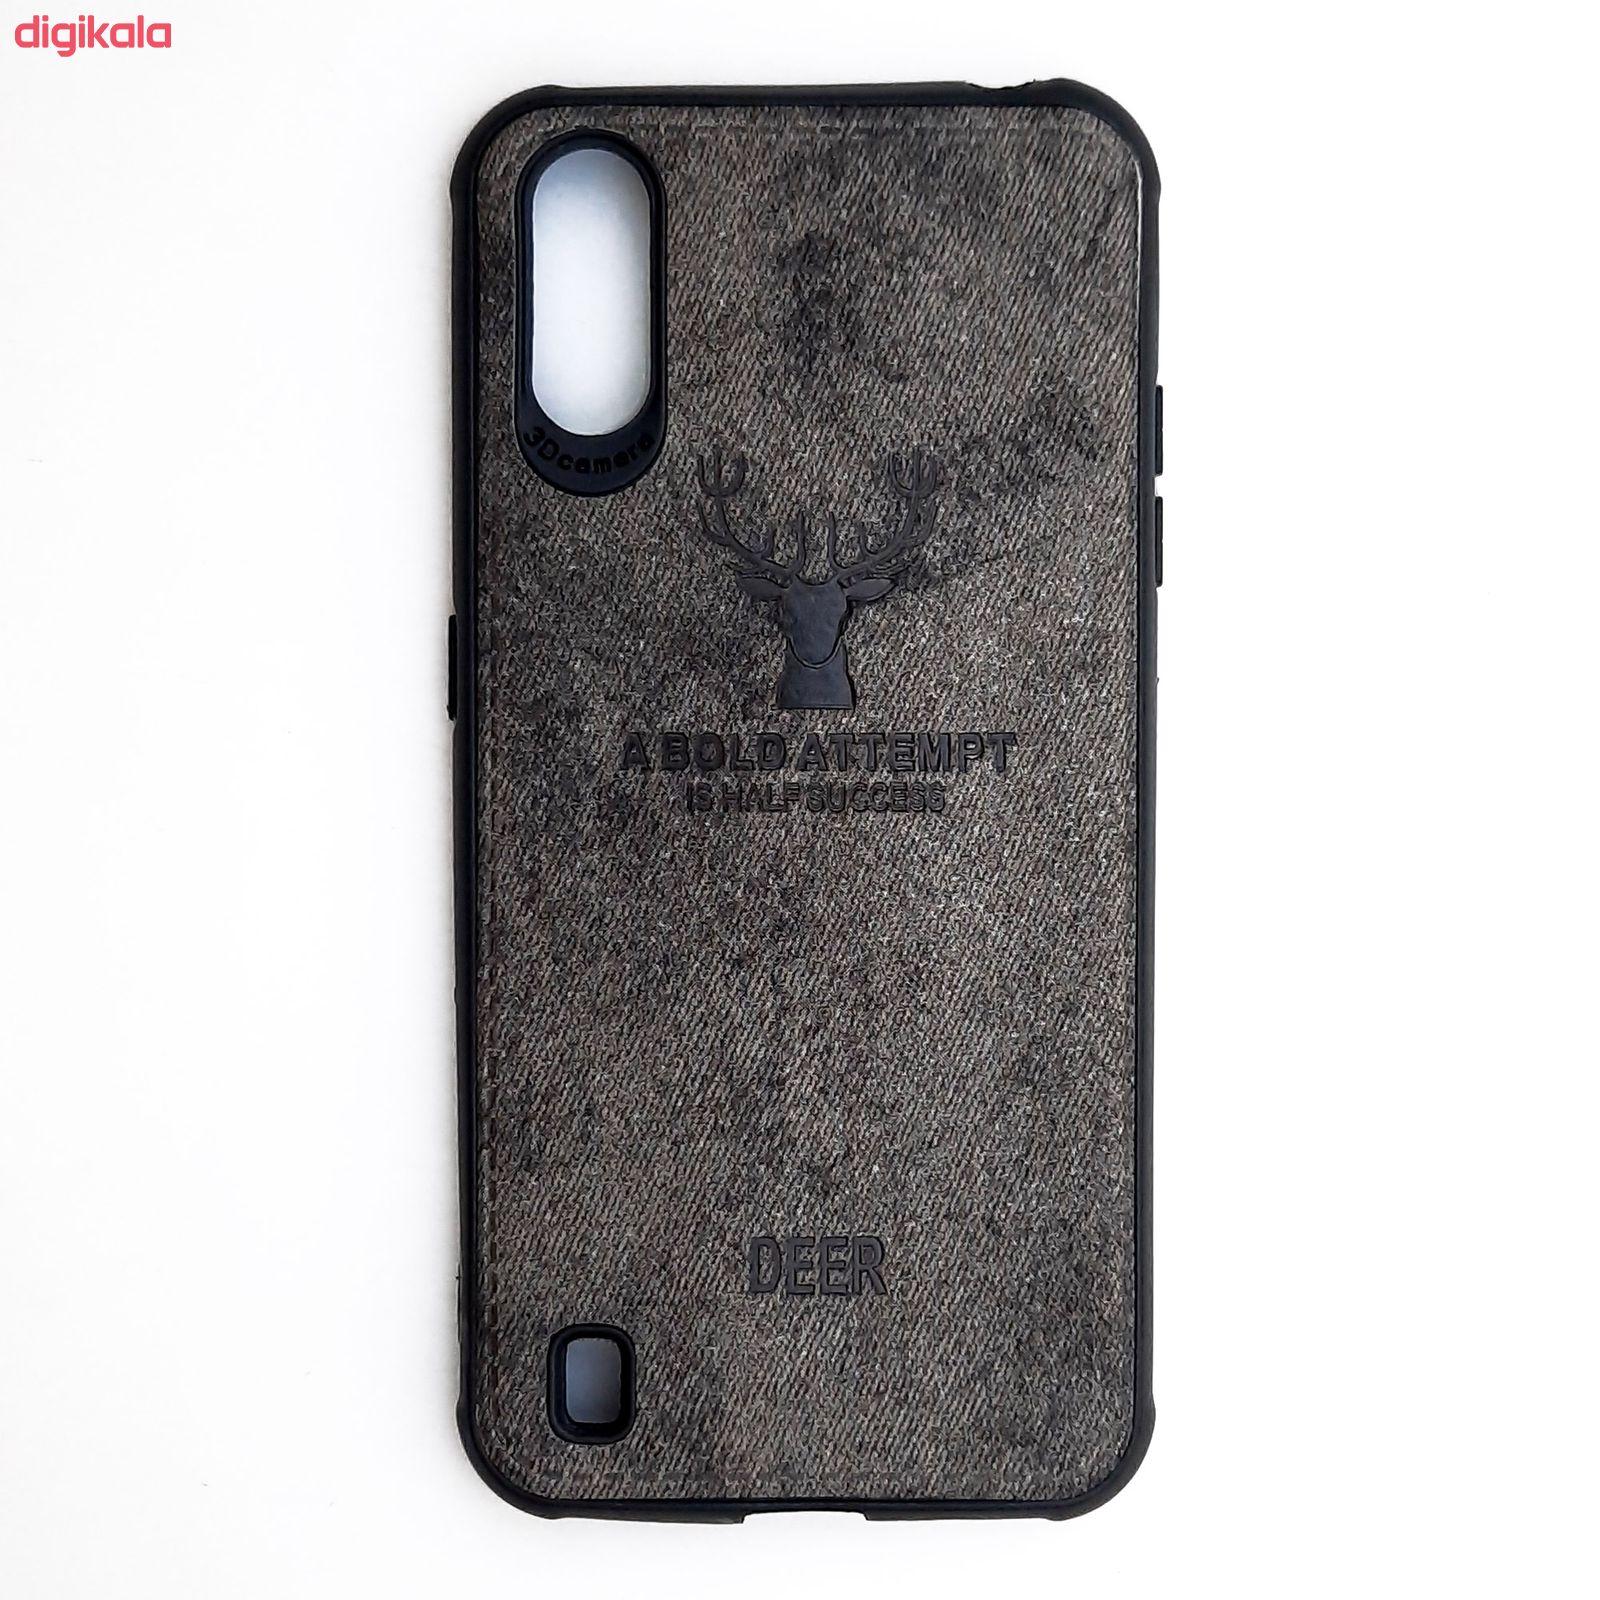 کاور مدل CO503 طرح گوزن مناسب برای گوشی موبایل سامسونگ Galaxy A01 main 1 10